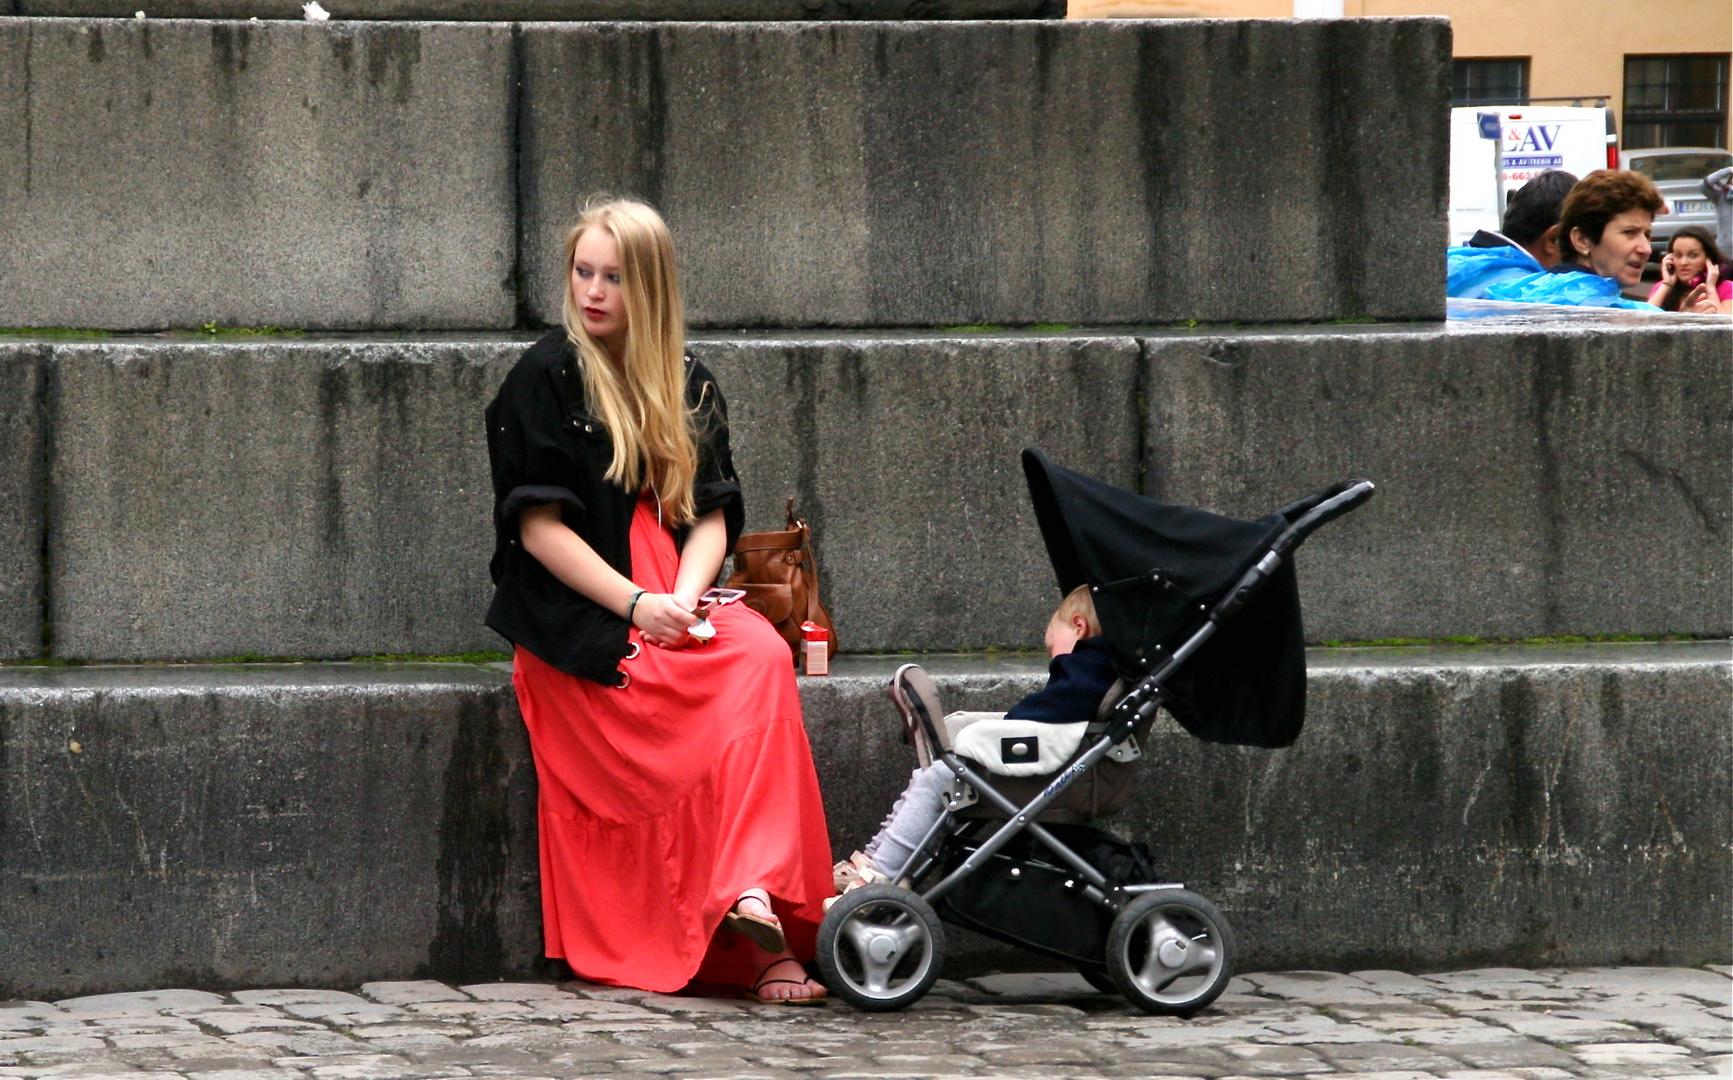 Schwedengirl